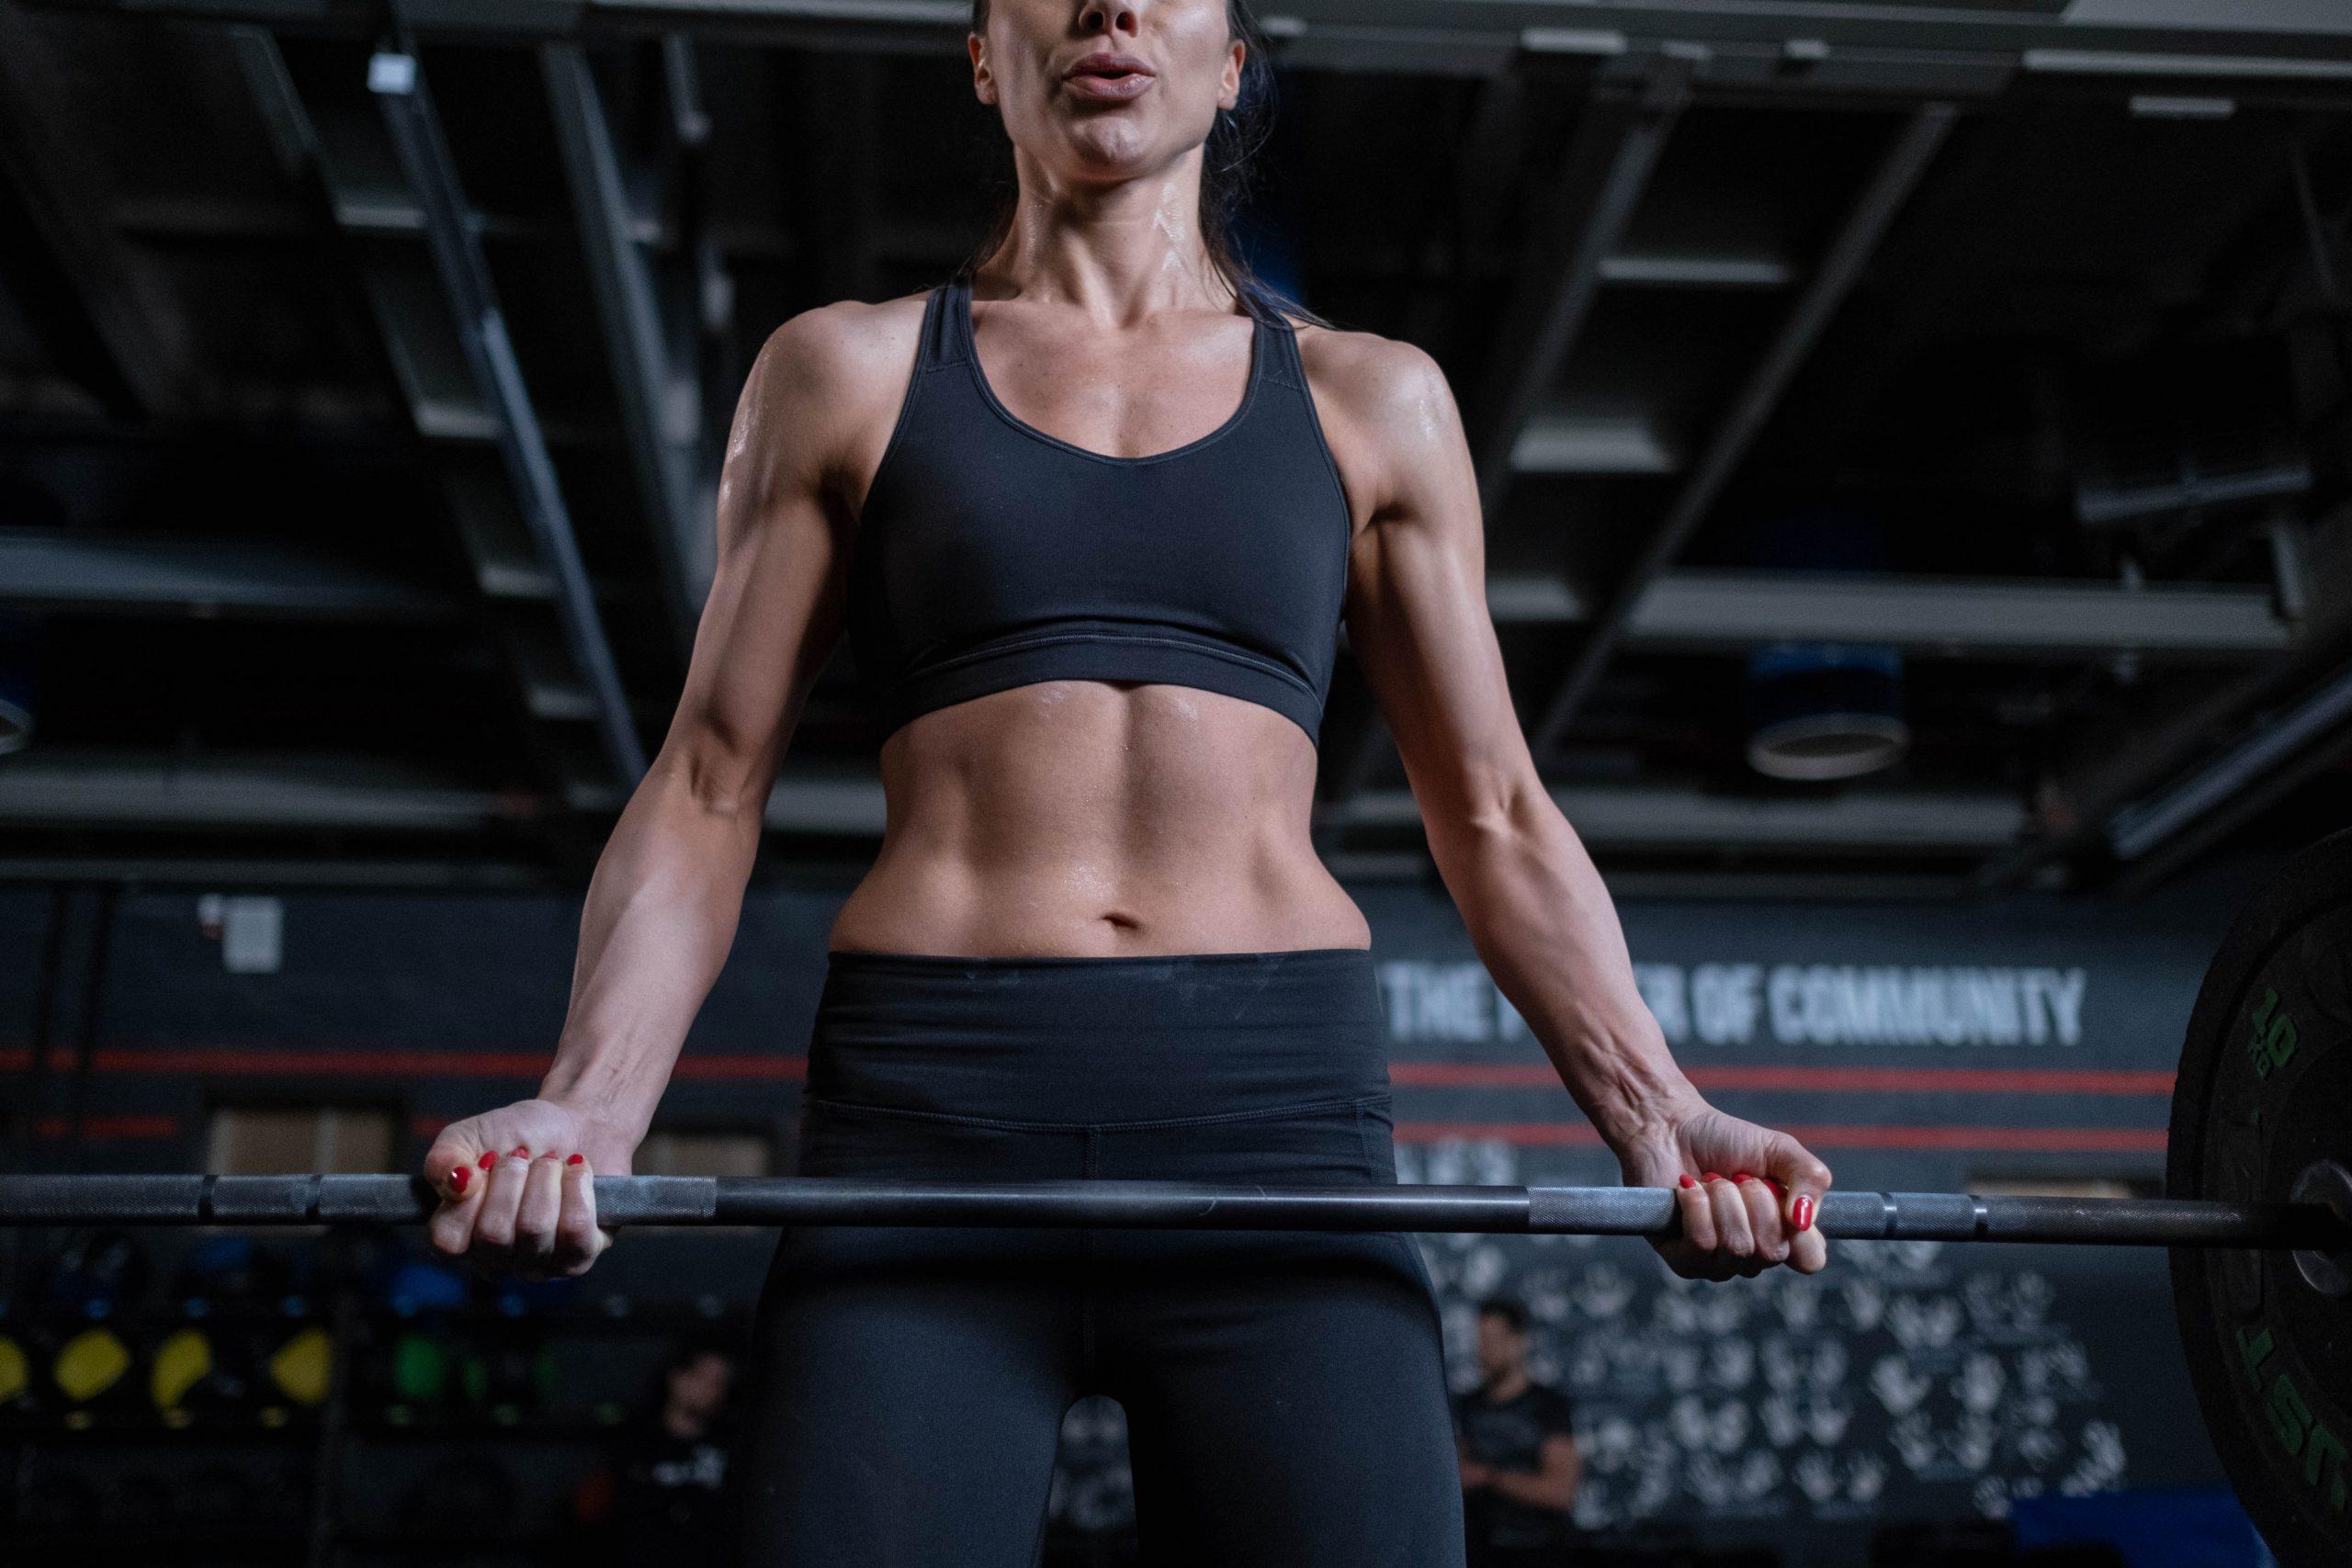 Imagem de uma pessoa se exercitando.